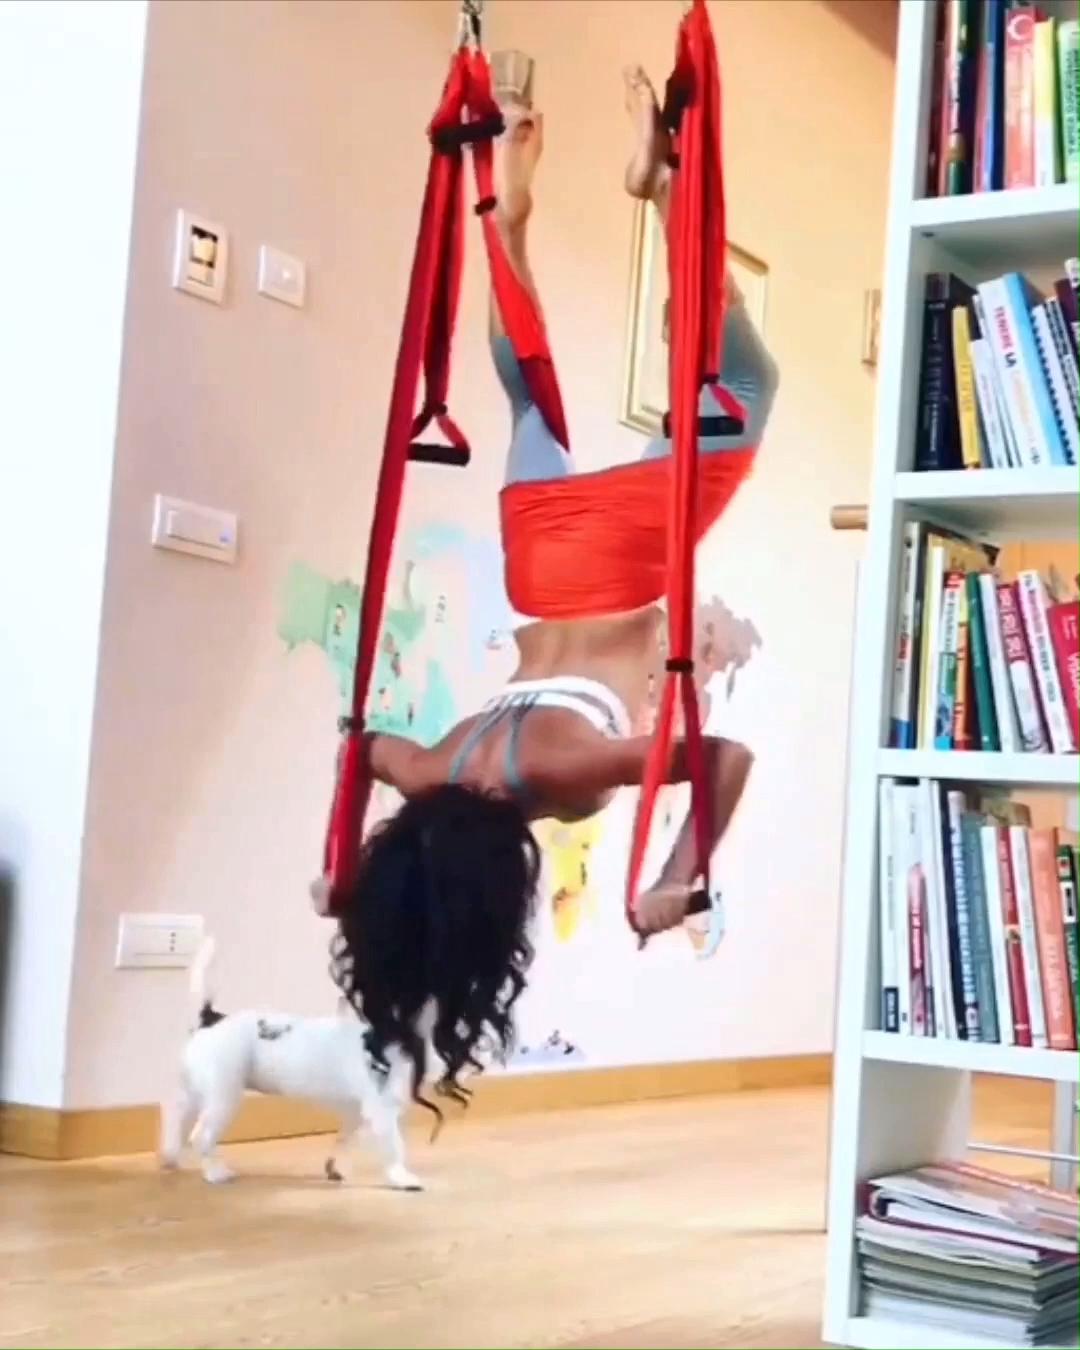 Yoga Hammock At Home